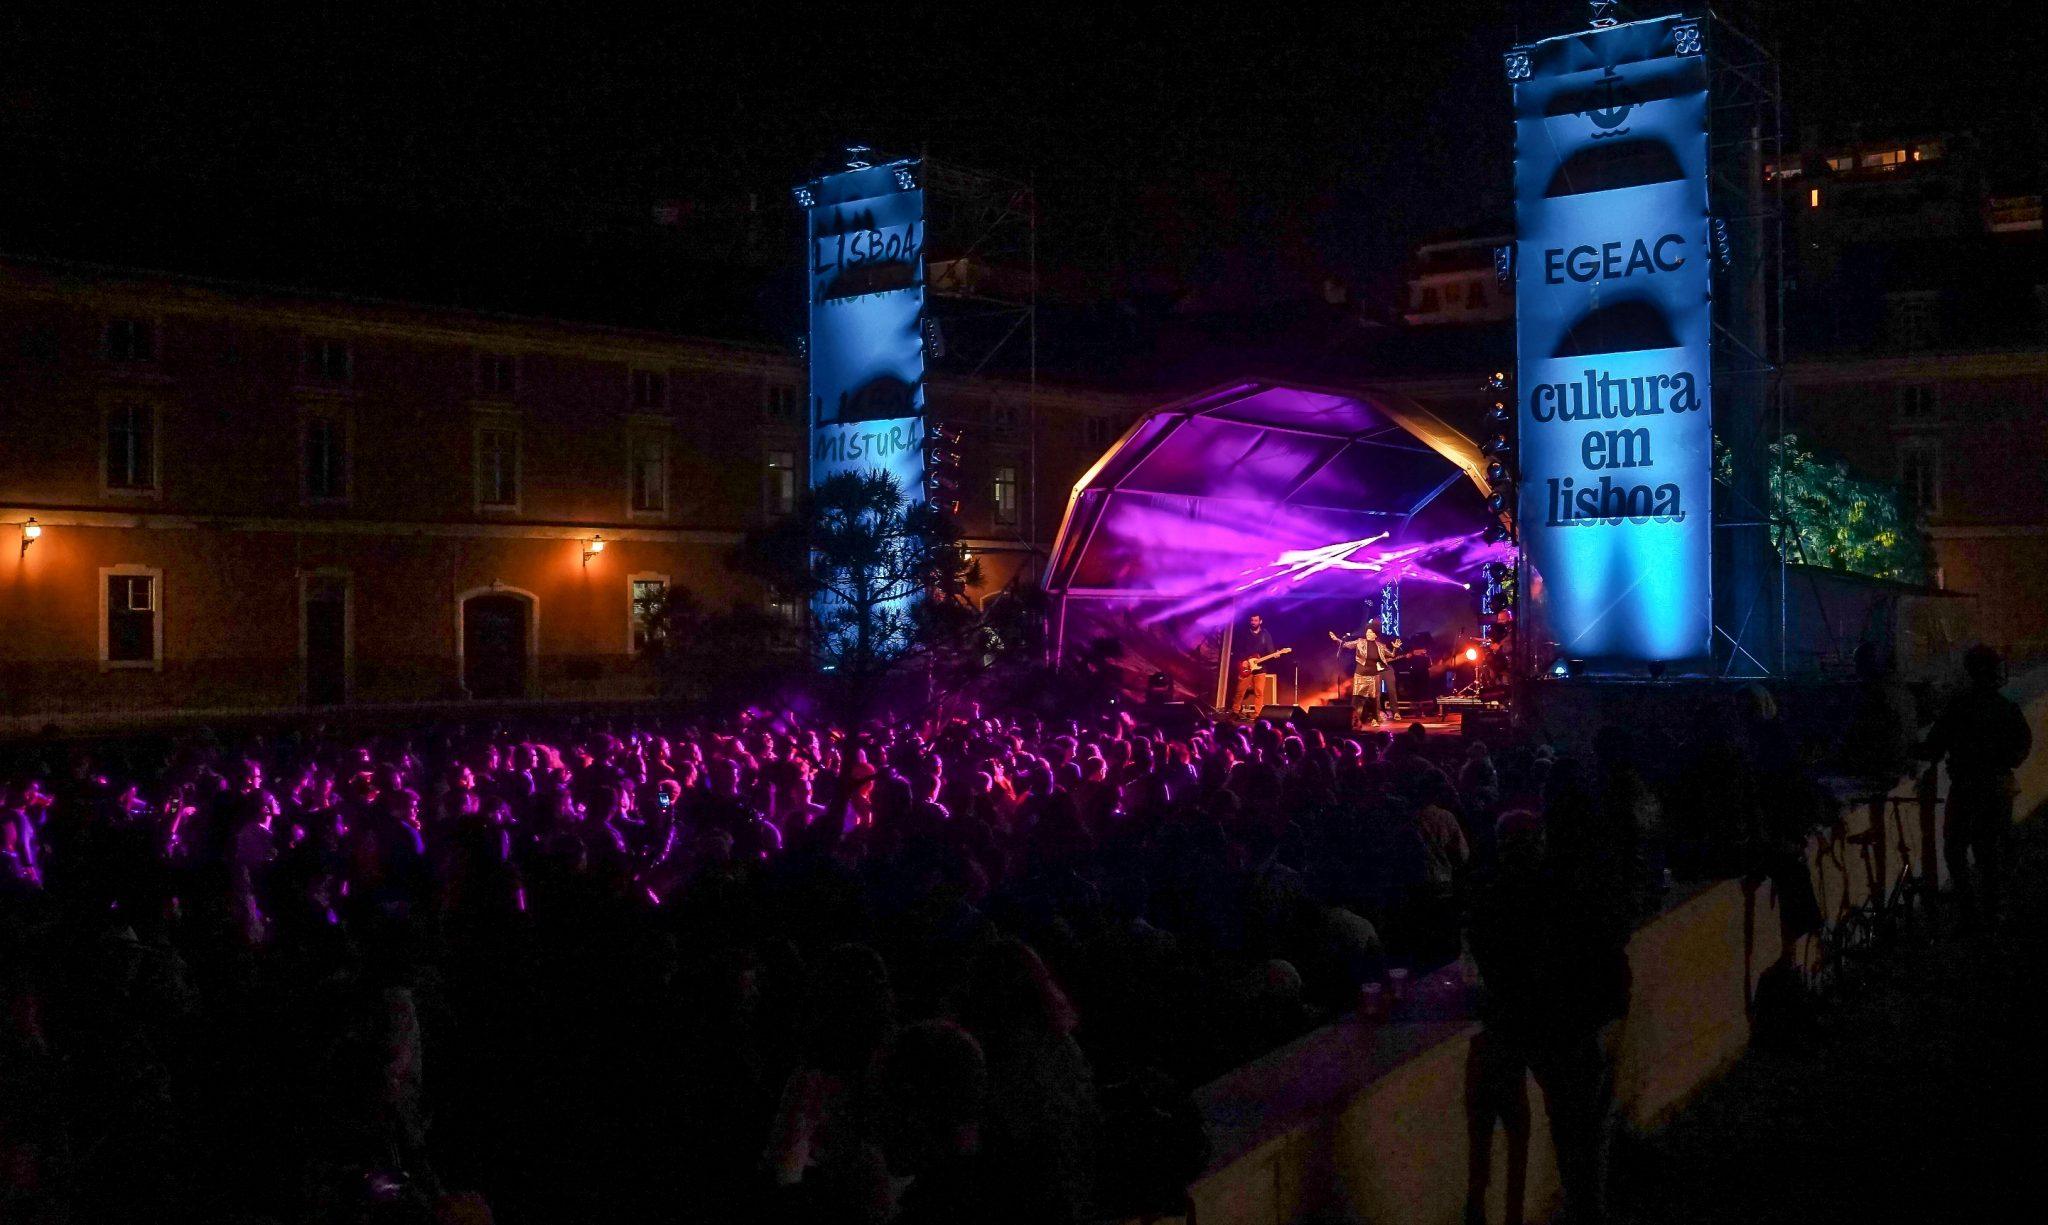 De lado para o observador, vista nocturna do palco com luzes roxas a incidirem sobre o público.